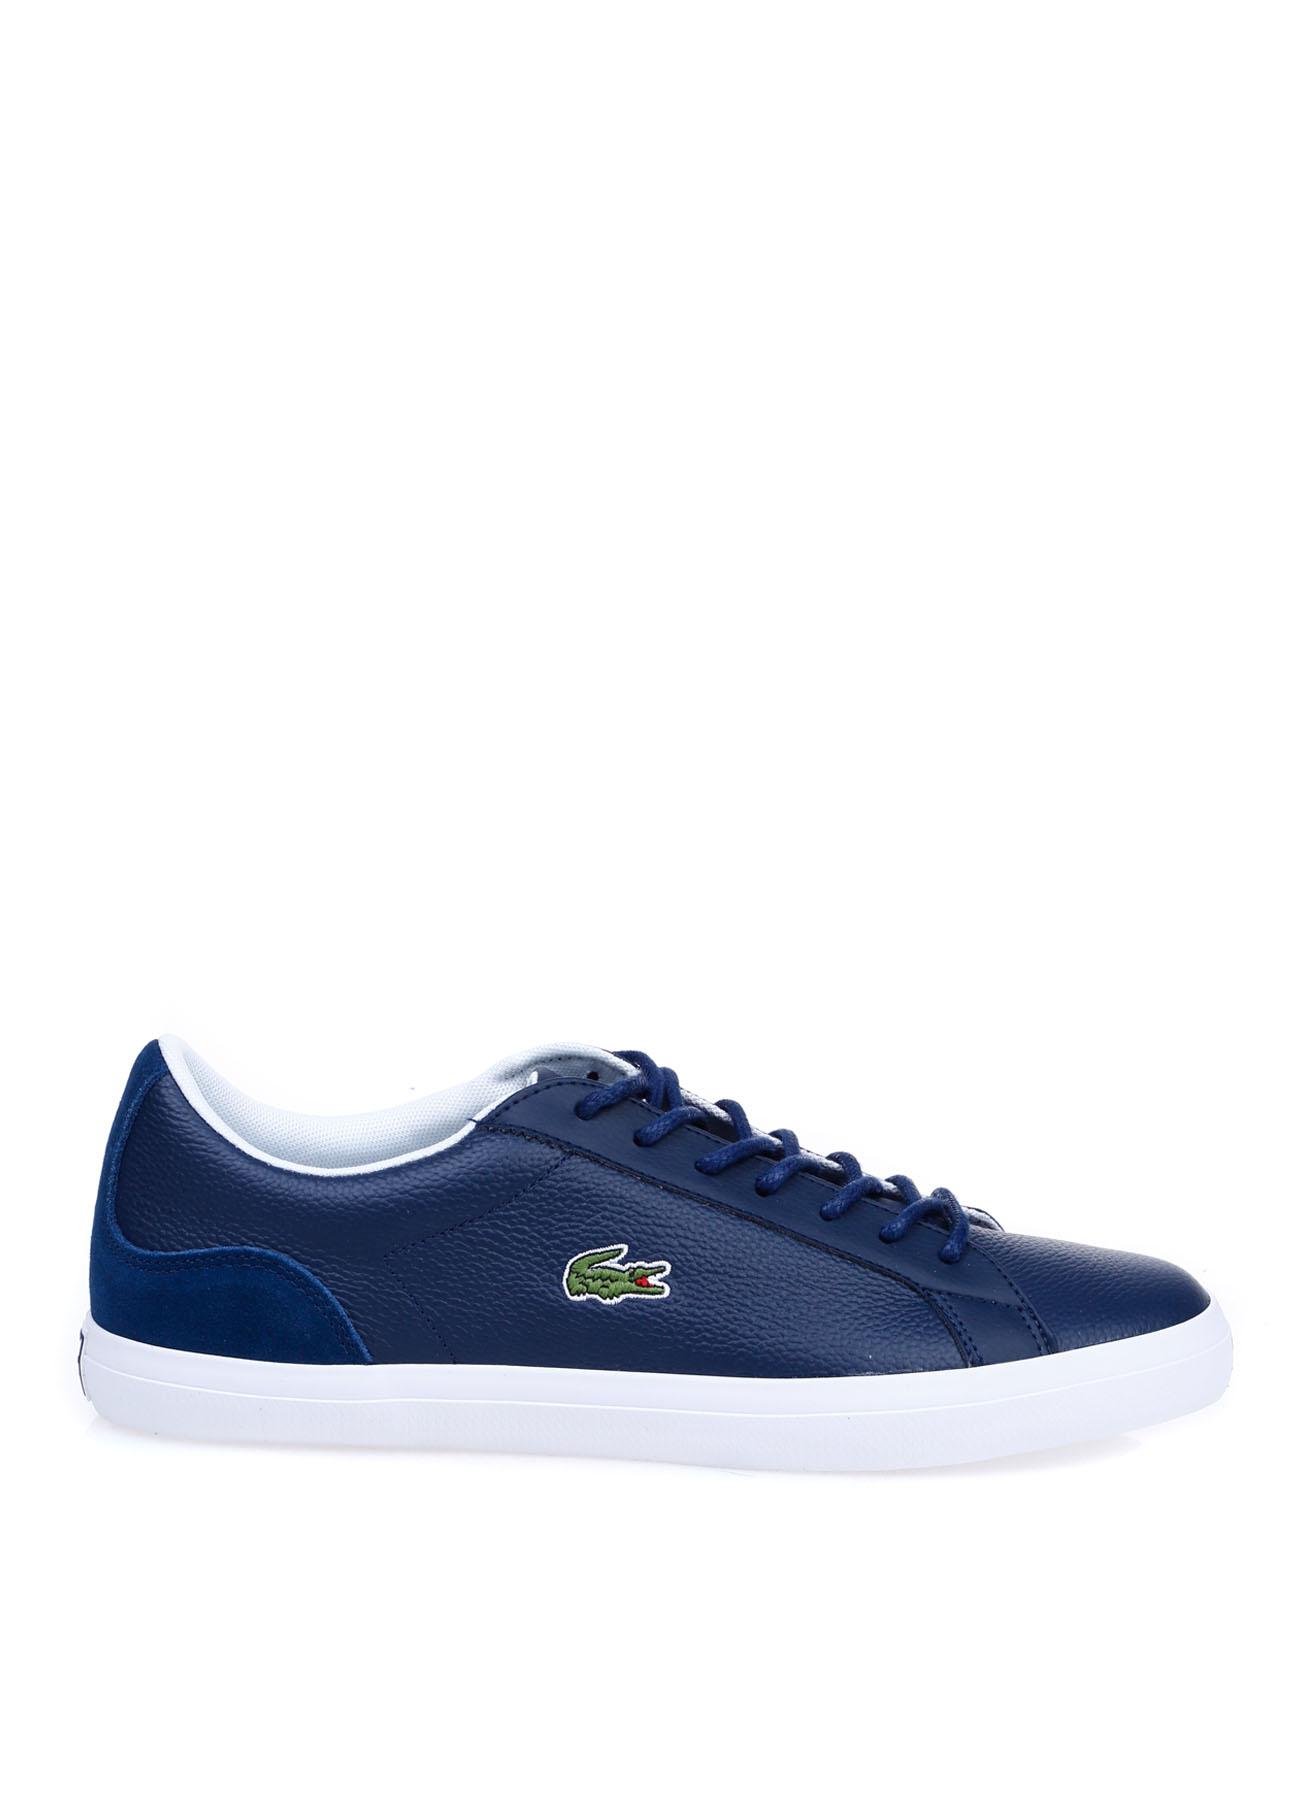 Lacoste Erkek Deri Lacivert Lifestyle Ayakkabı 45 5002314238001 Ürün Resmi